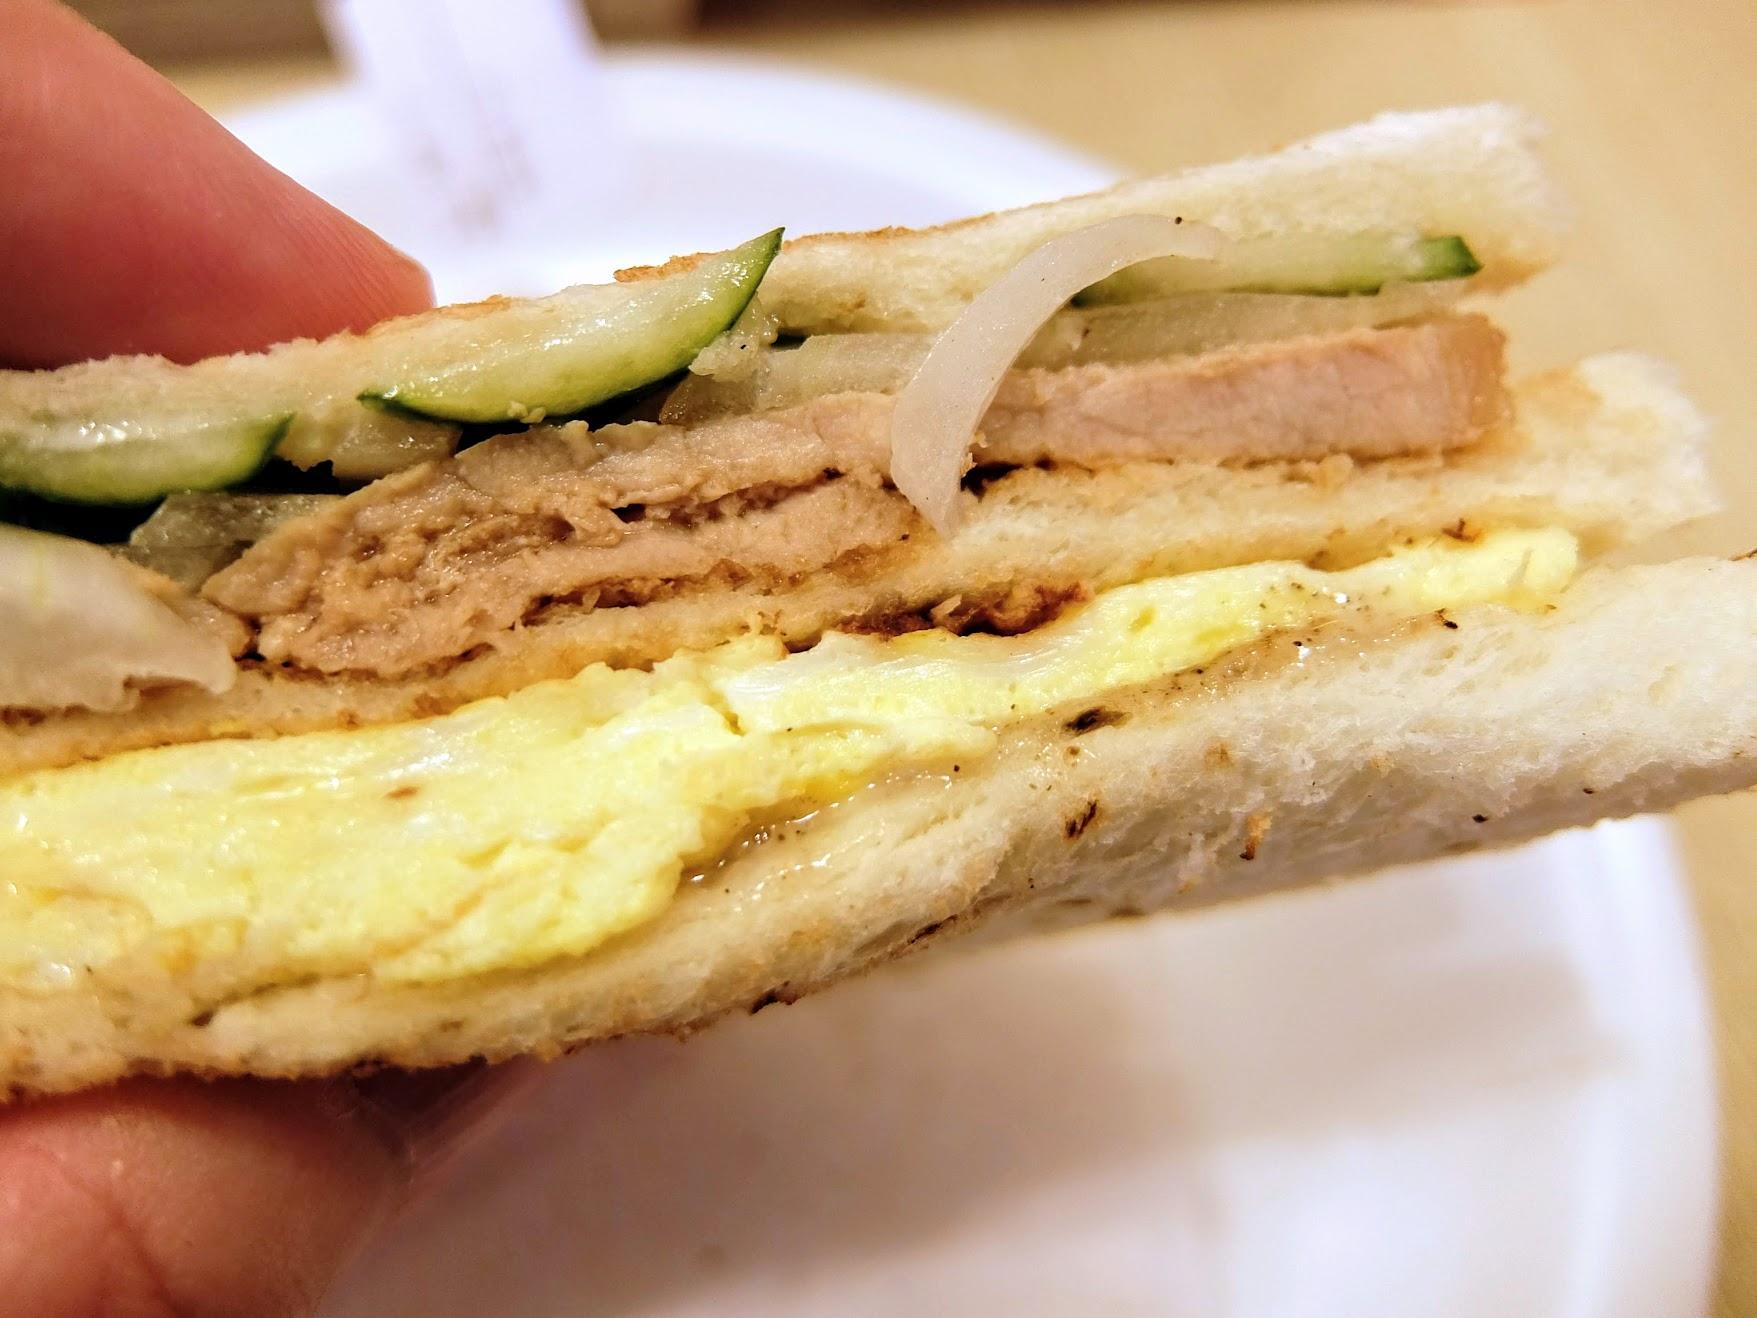 炭烤三明治,外層麵包稍微烤過,裡頭的料恰好,其實這樣吃一餐還蠻不錯的